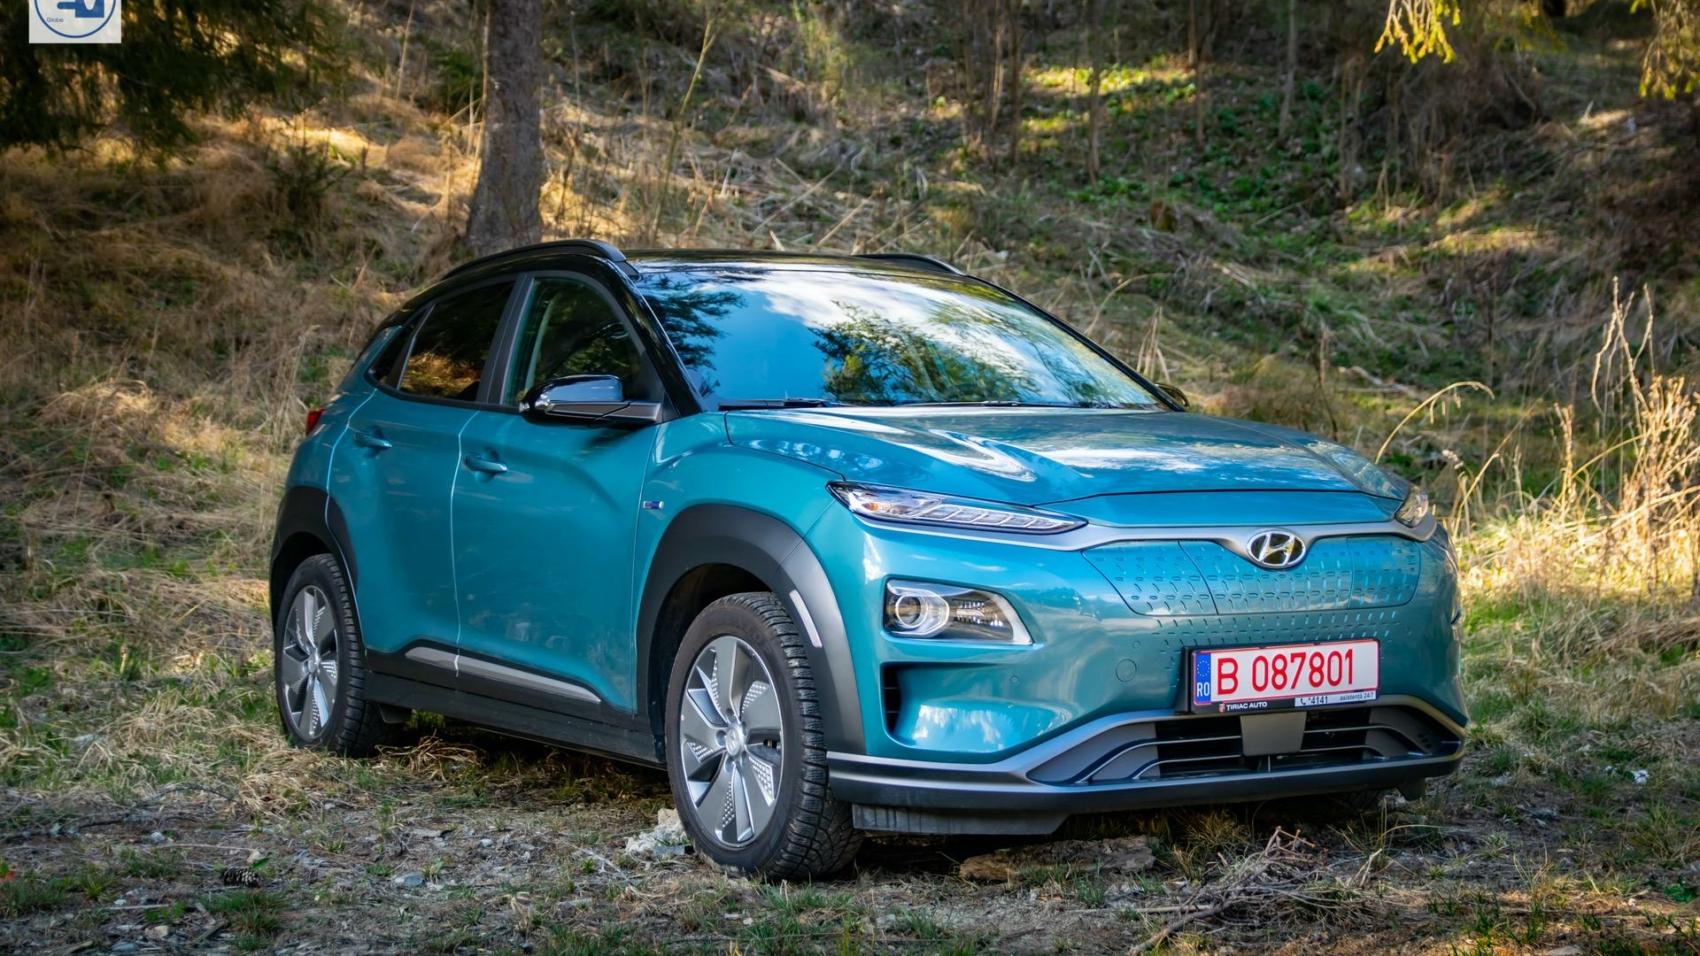 Hyundai-Kona-test-drive-52